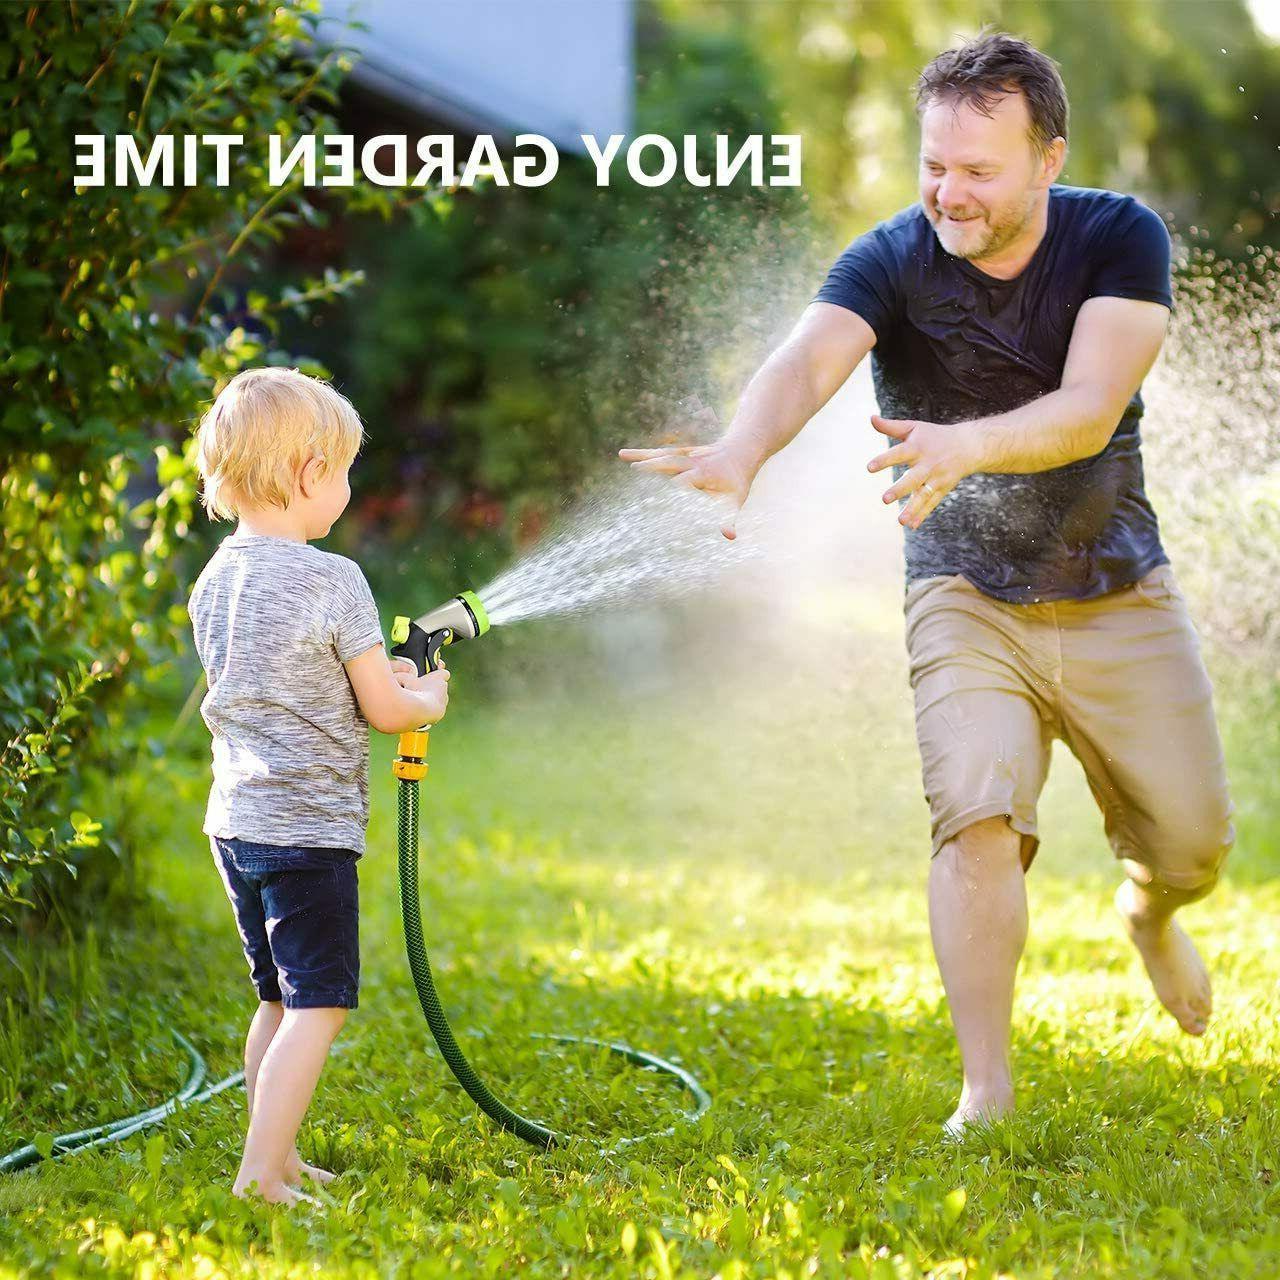 Spray Nozzle for Hose, 8 Modes Spayer, Hose